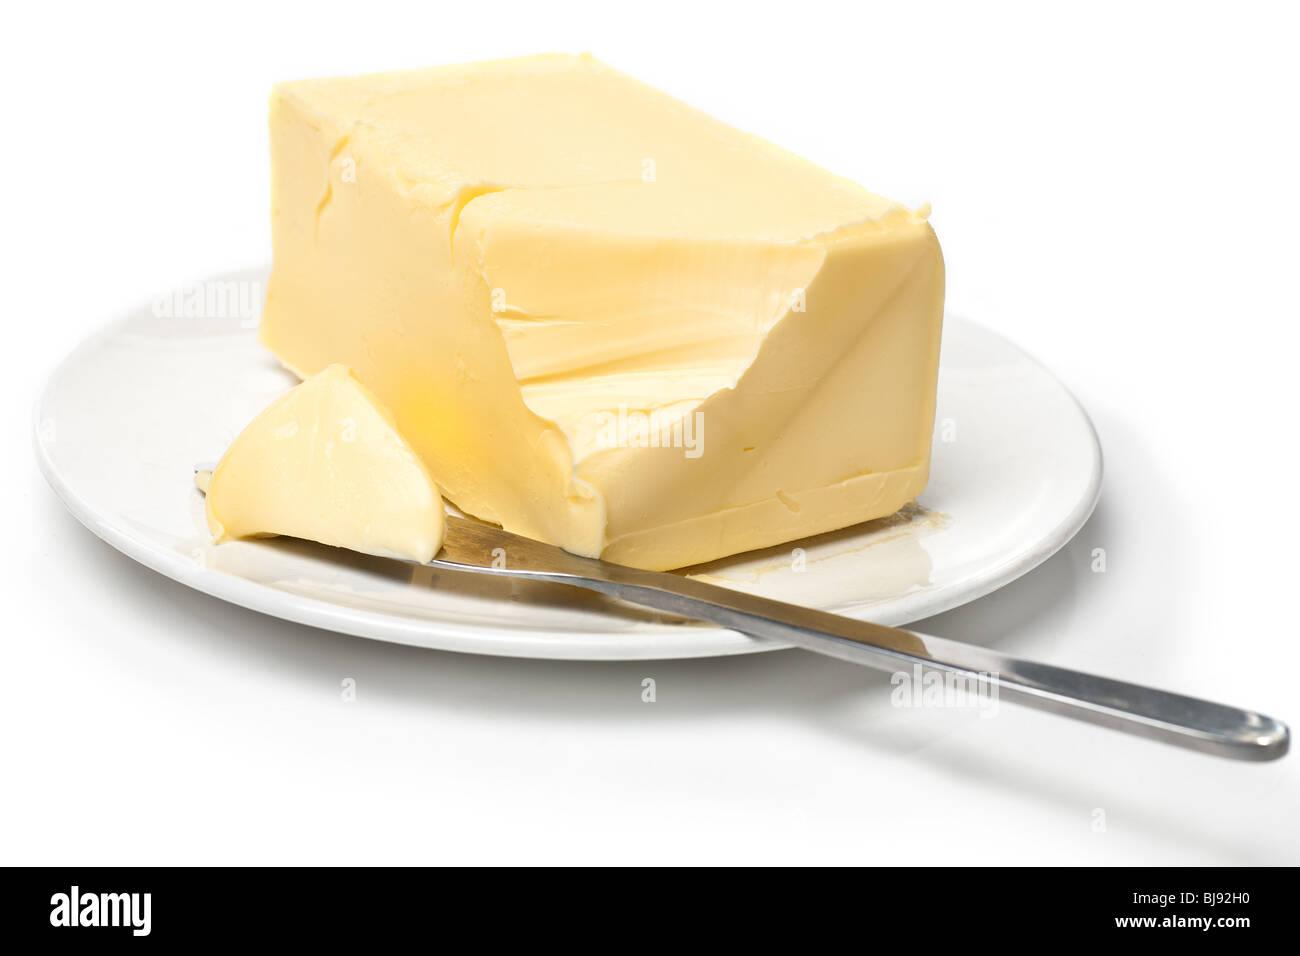 Pezzo di burro sulla piastra bianca con il coltello. Sfondo bianco e messa a fuoco poco profonde. Immagini Stock